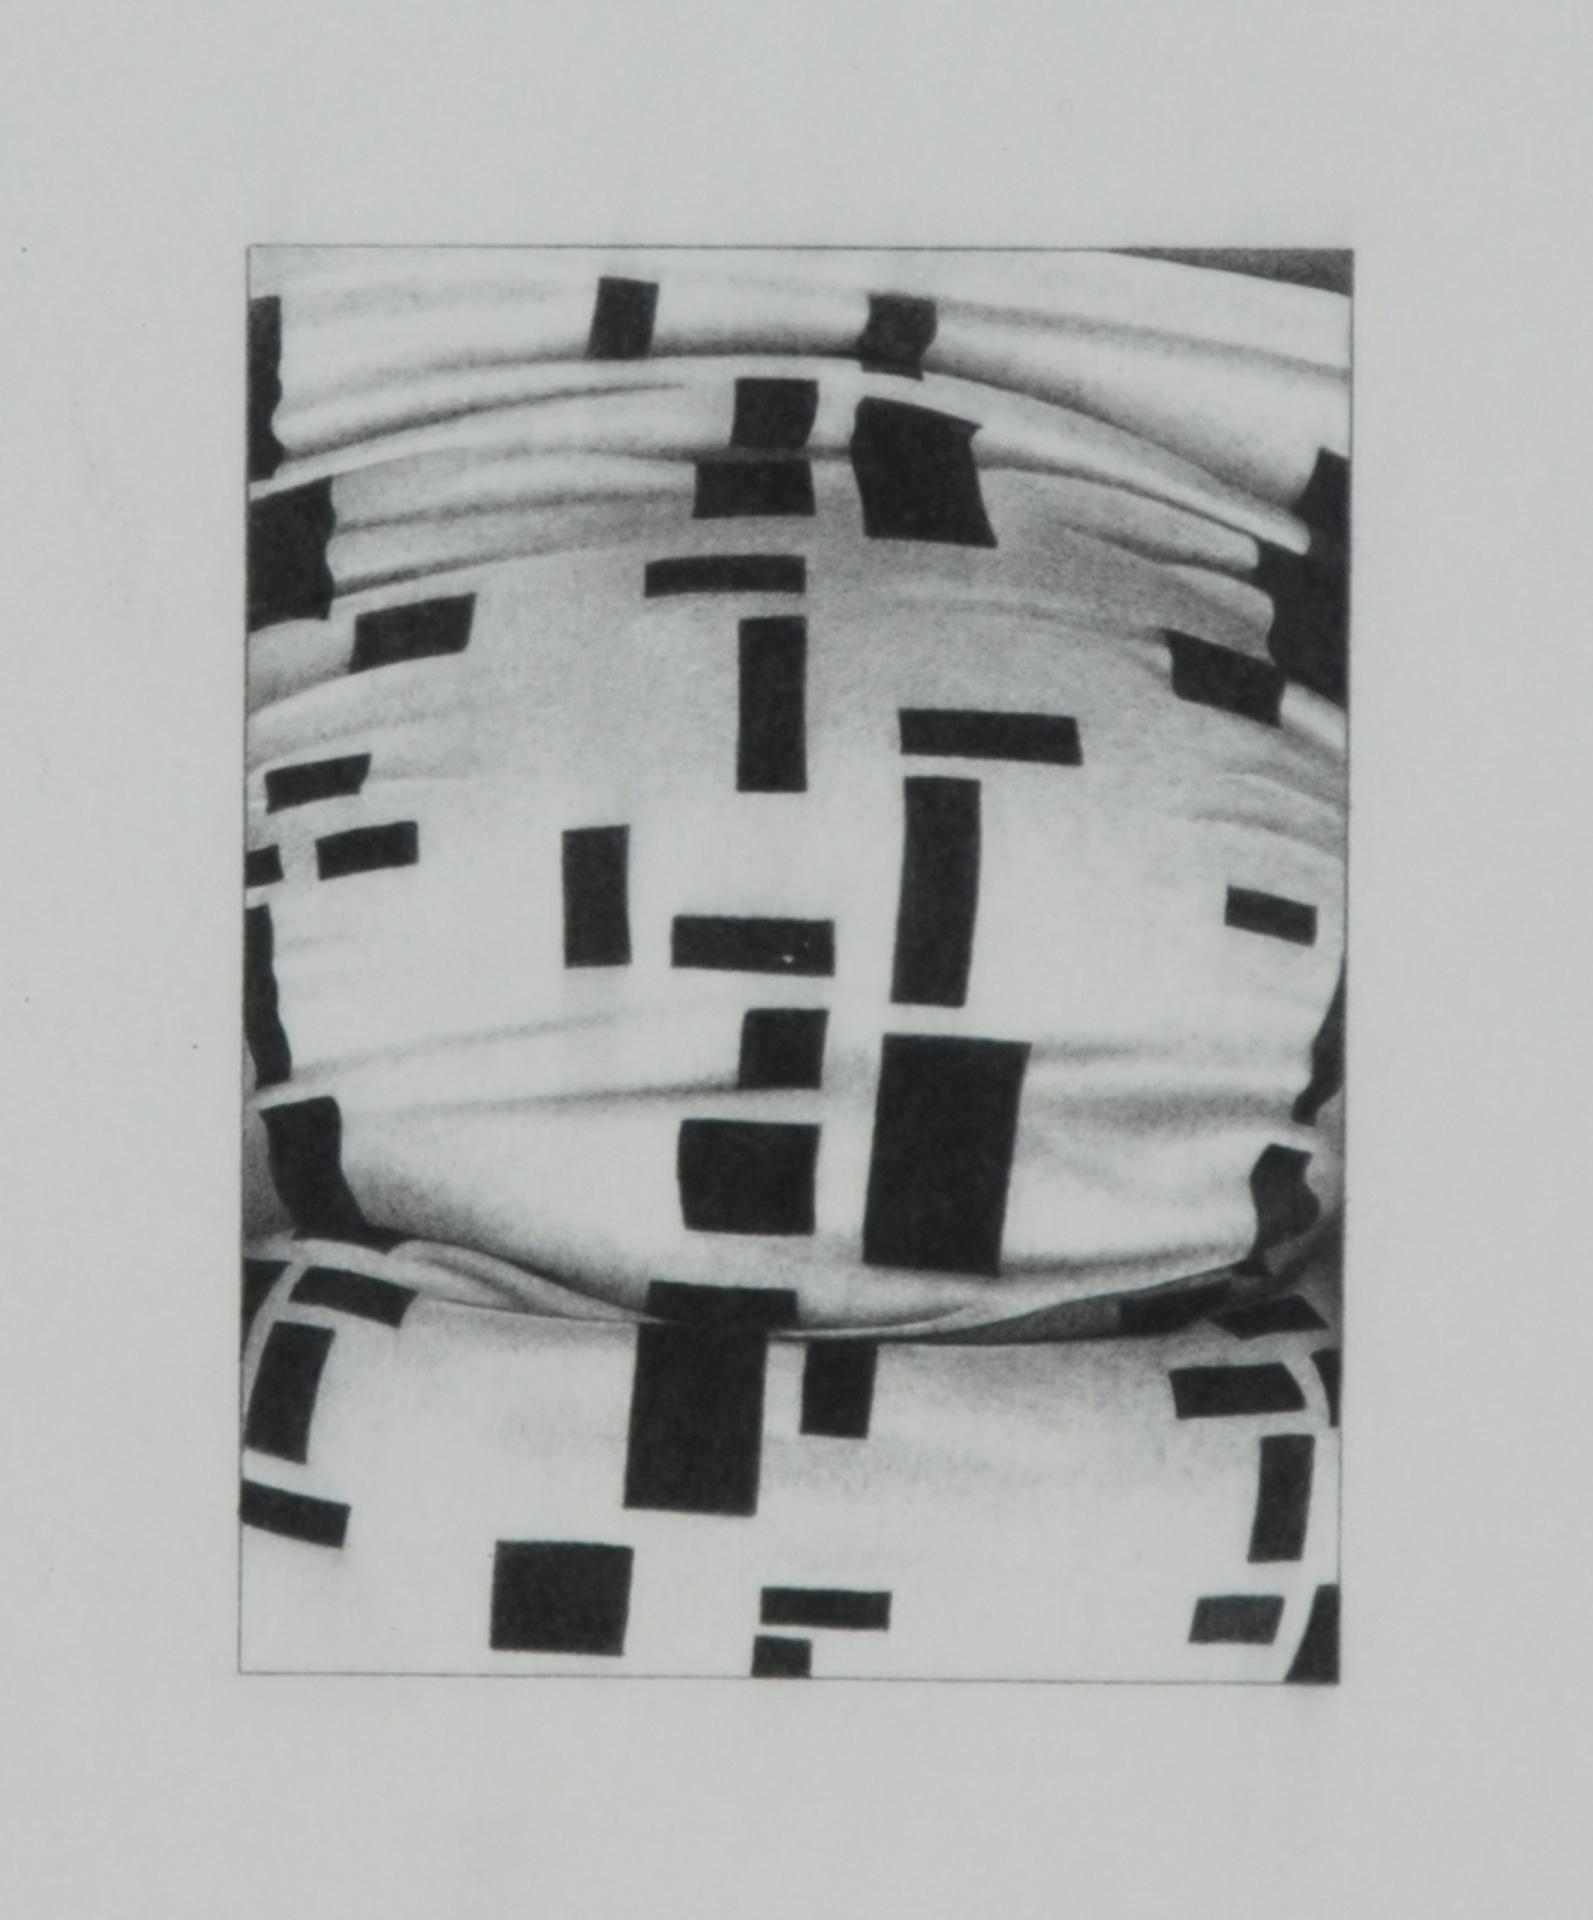 Blume Anna, 2 sheets: Alles das, was wir unter Form und Körper verstehen, ist Gedanke! Malewitsch 1922